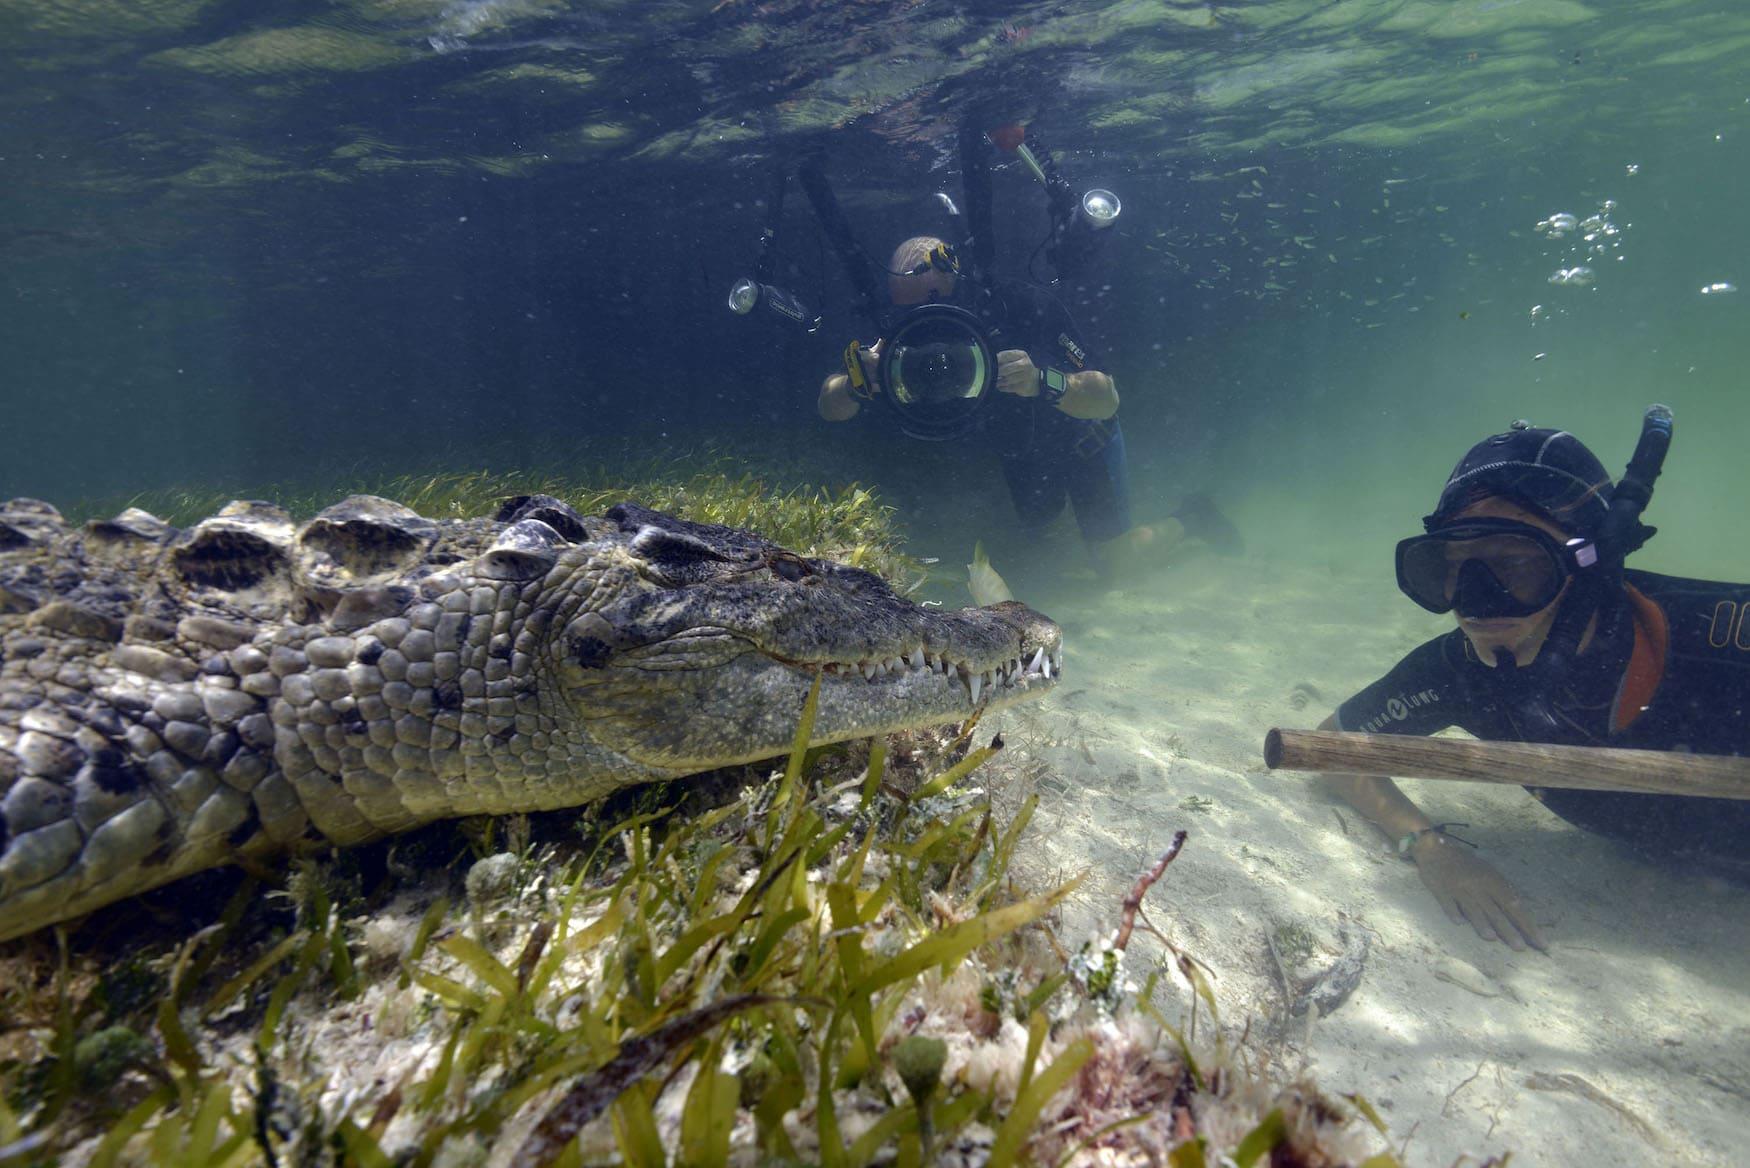 Taucher fotografieren Krokodile in Mexiko